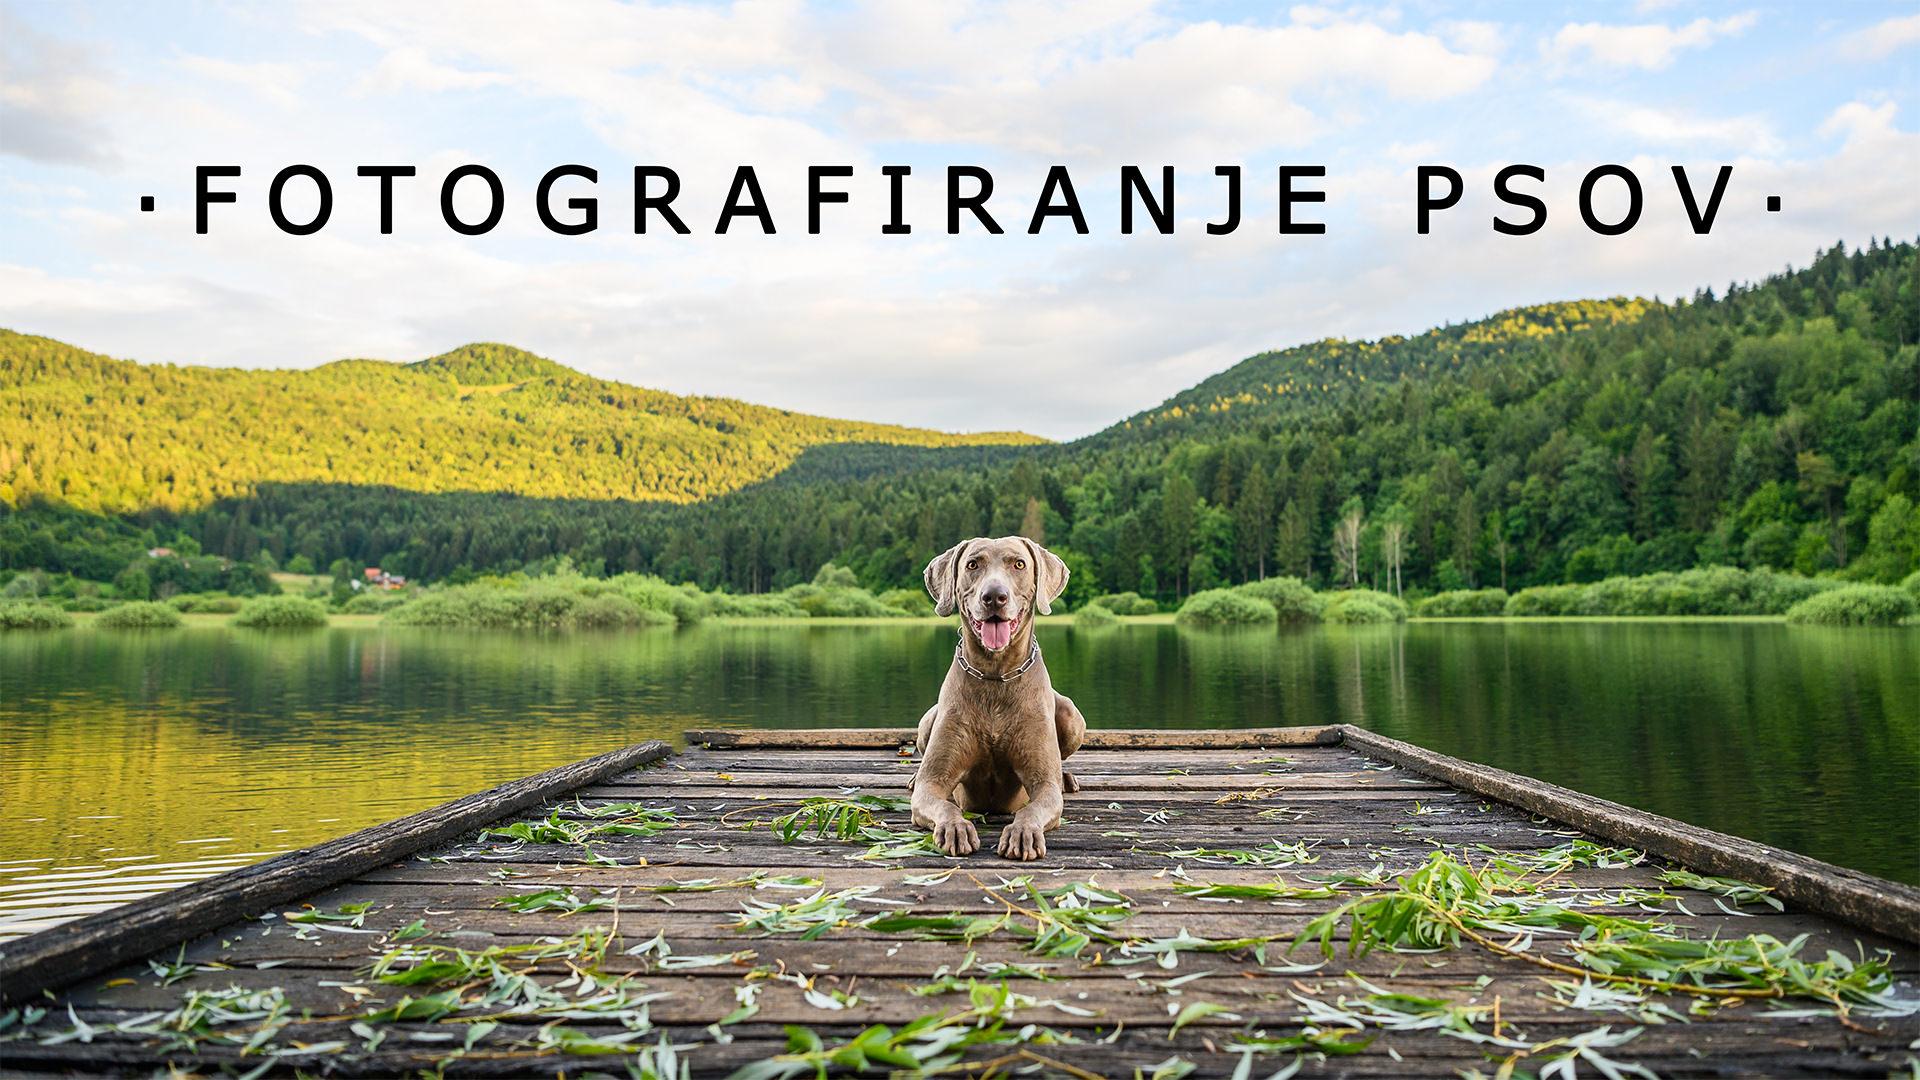 Fotografiranje psov - naslovna fotografija